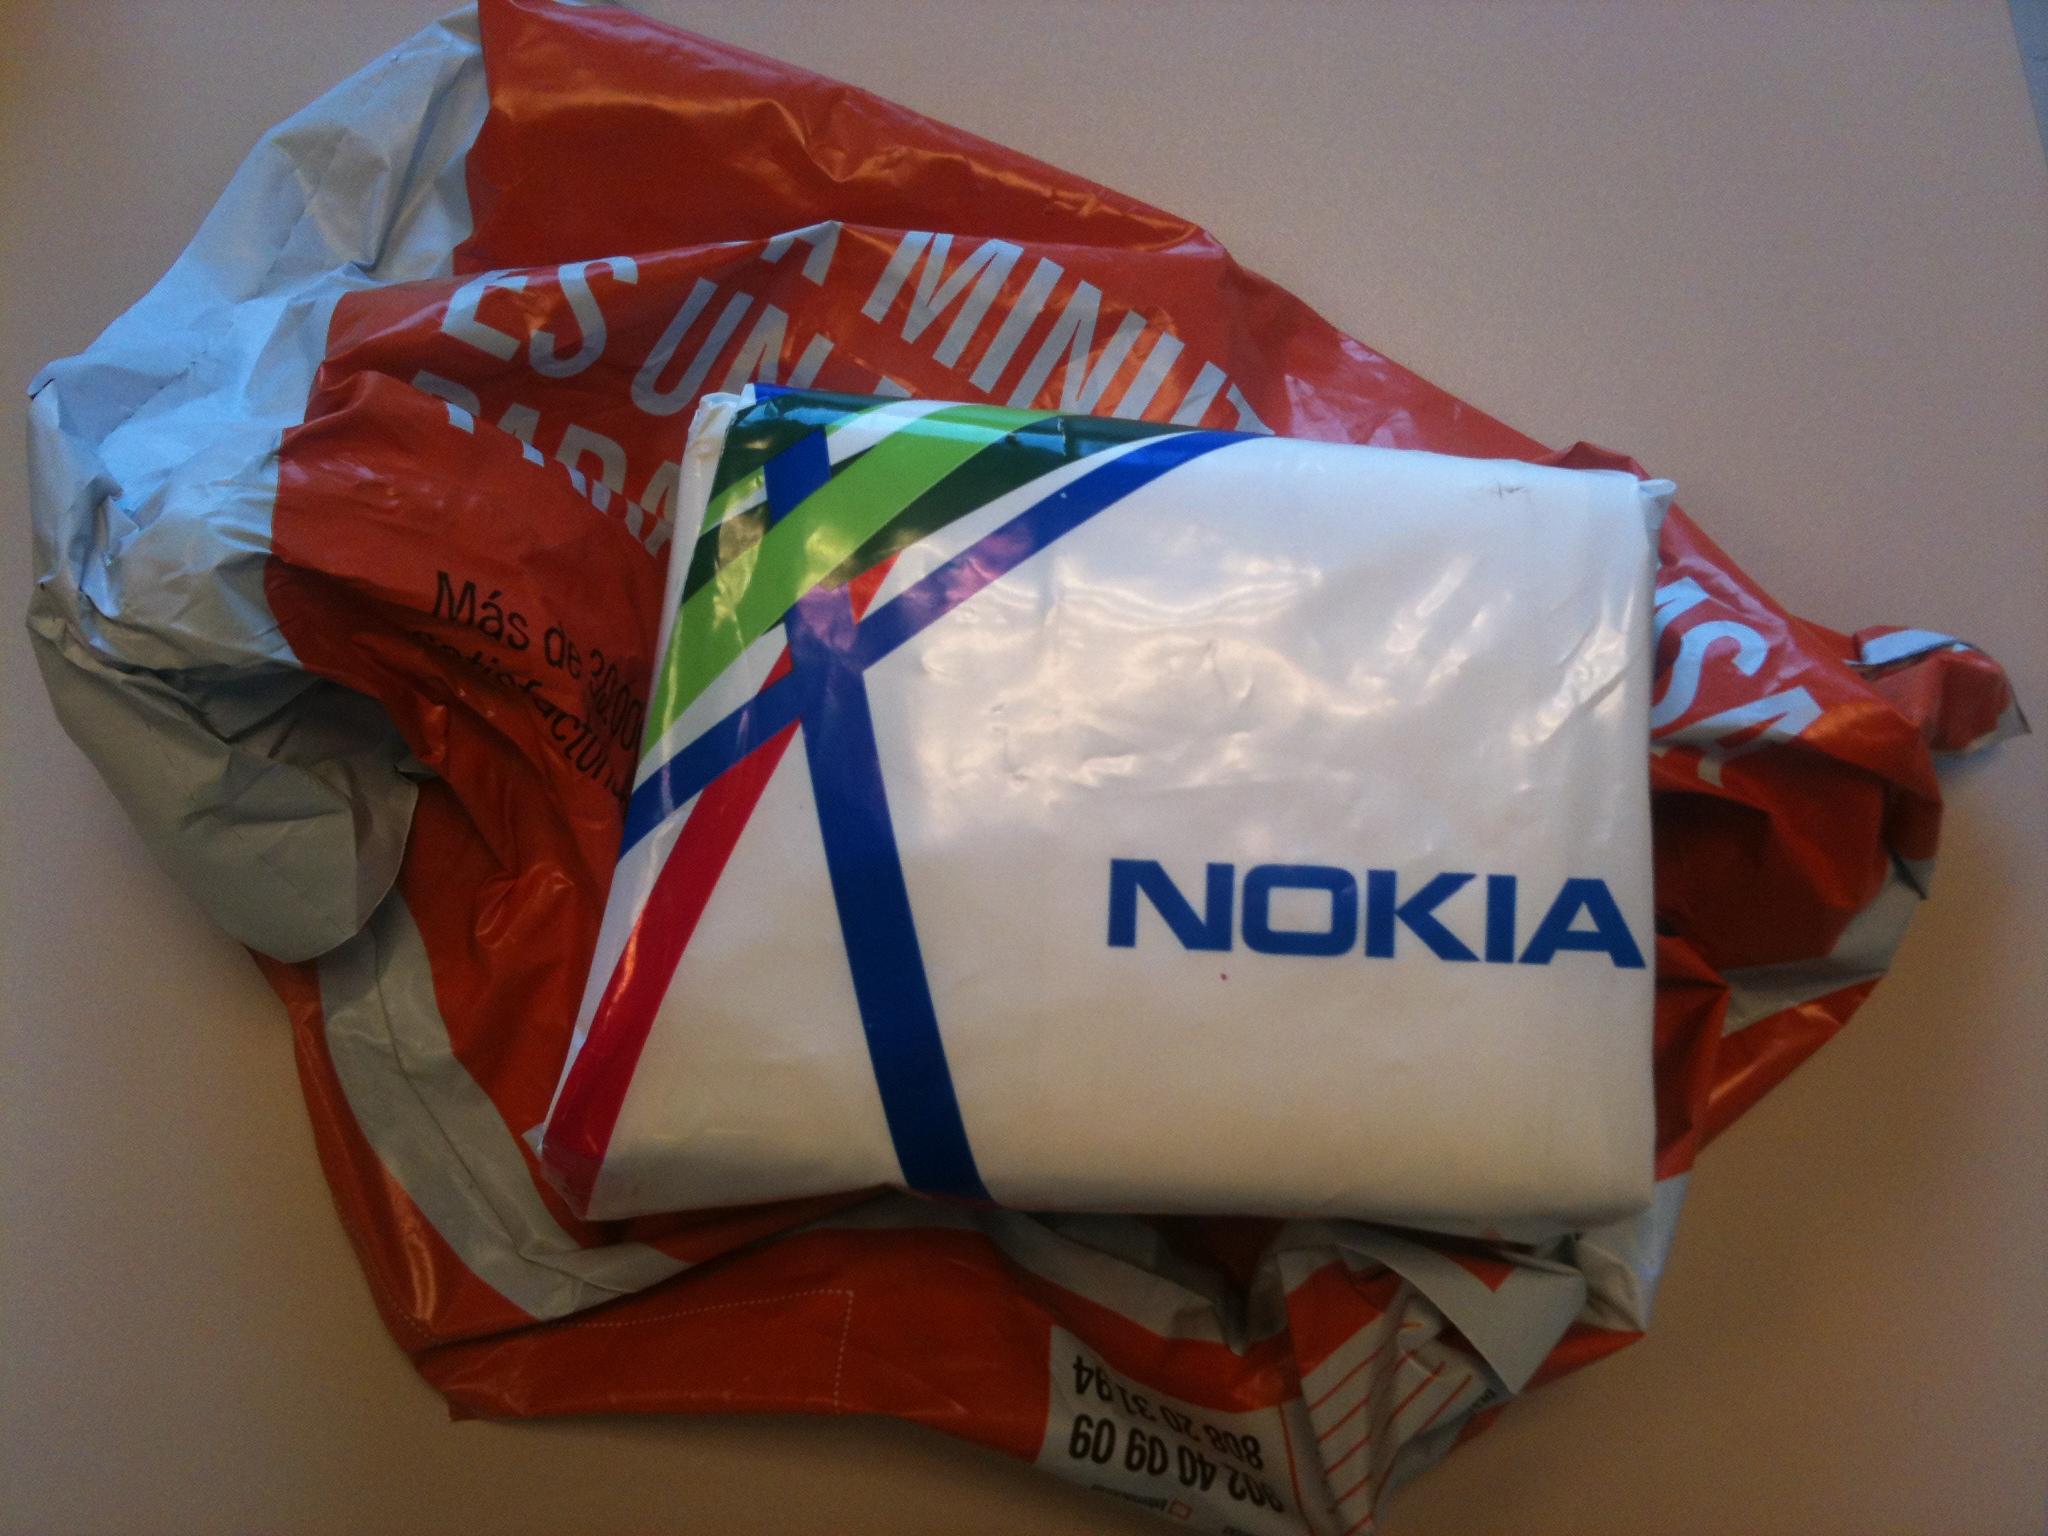 Primer contacto con el Nokia Lumia #pruebaWP